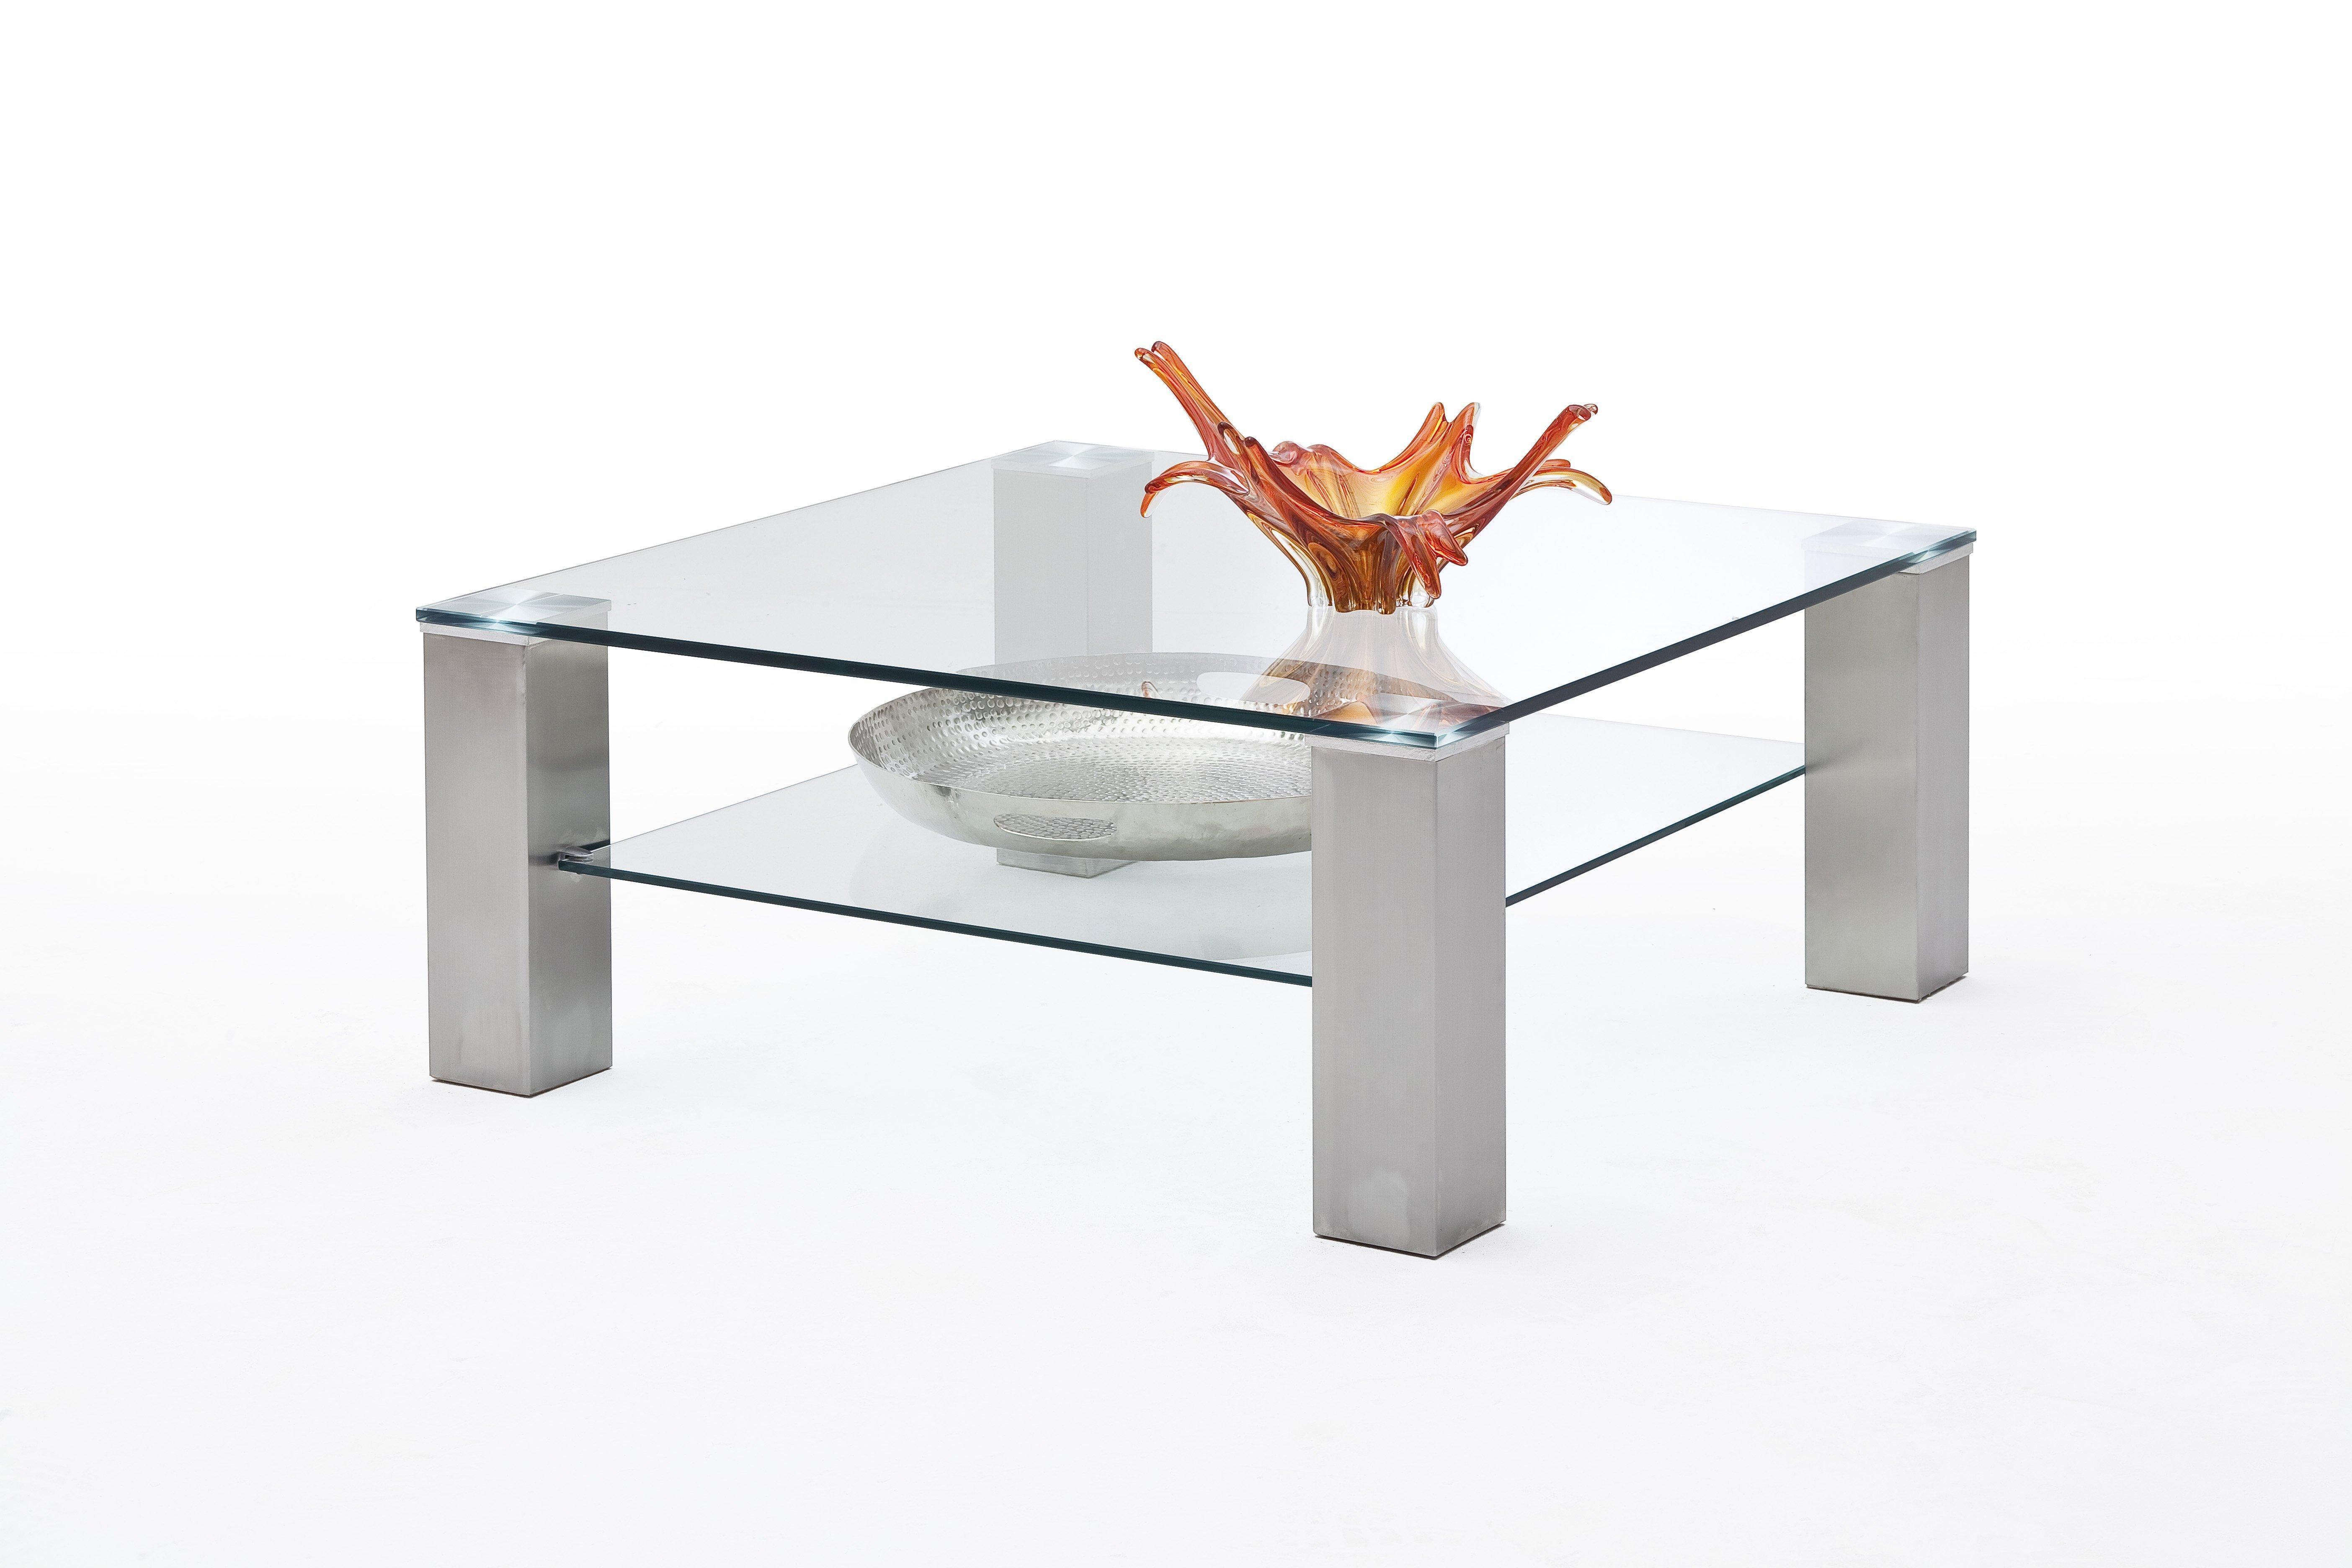 Couchtisch Asta 1 von MCA furniture